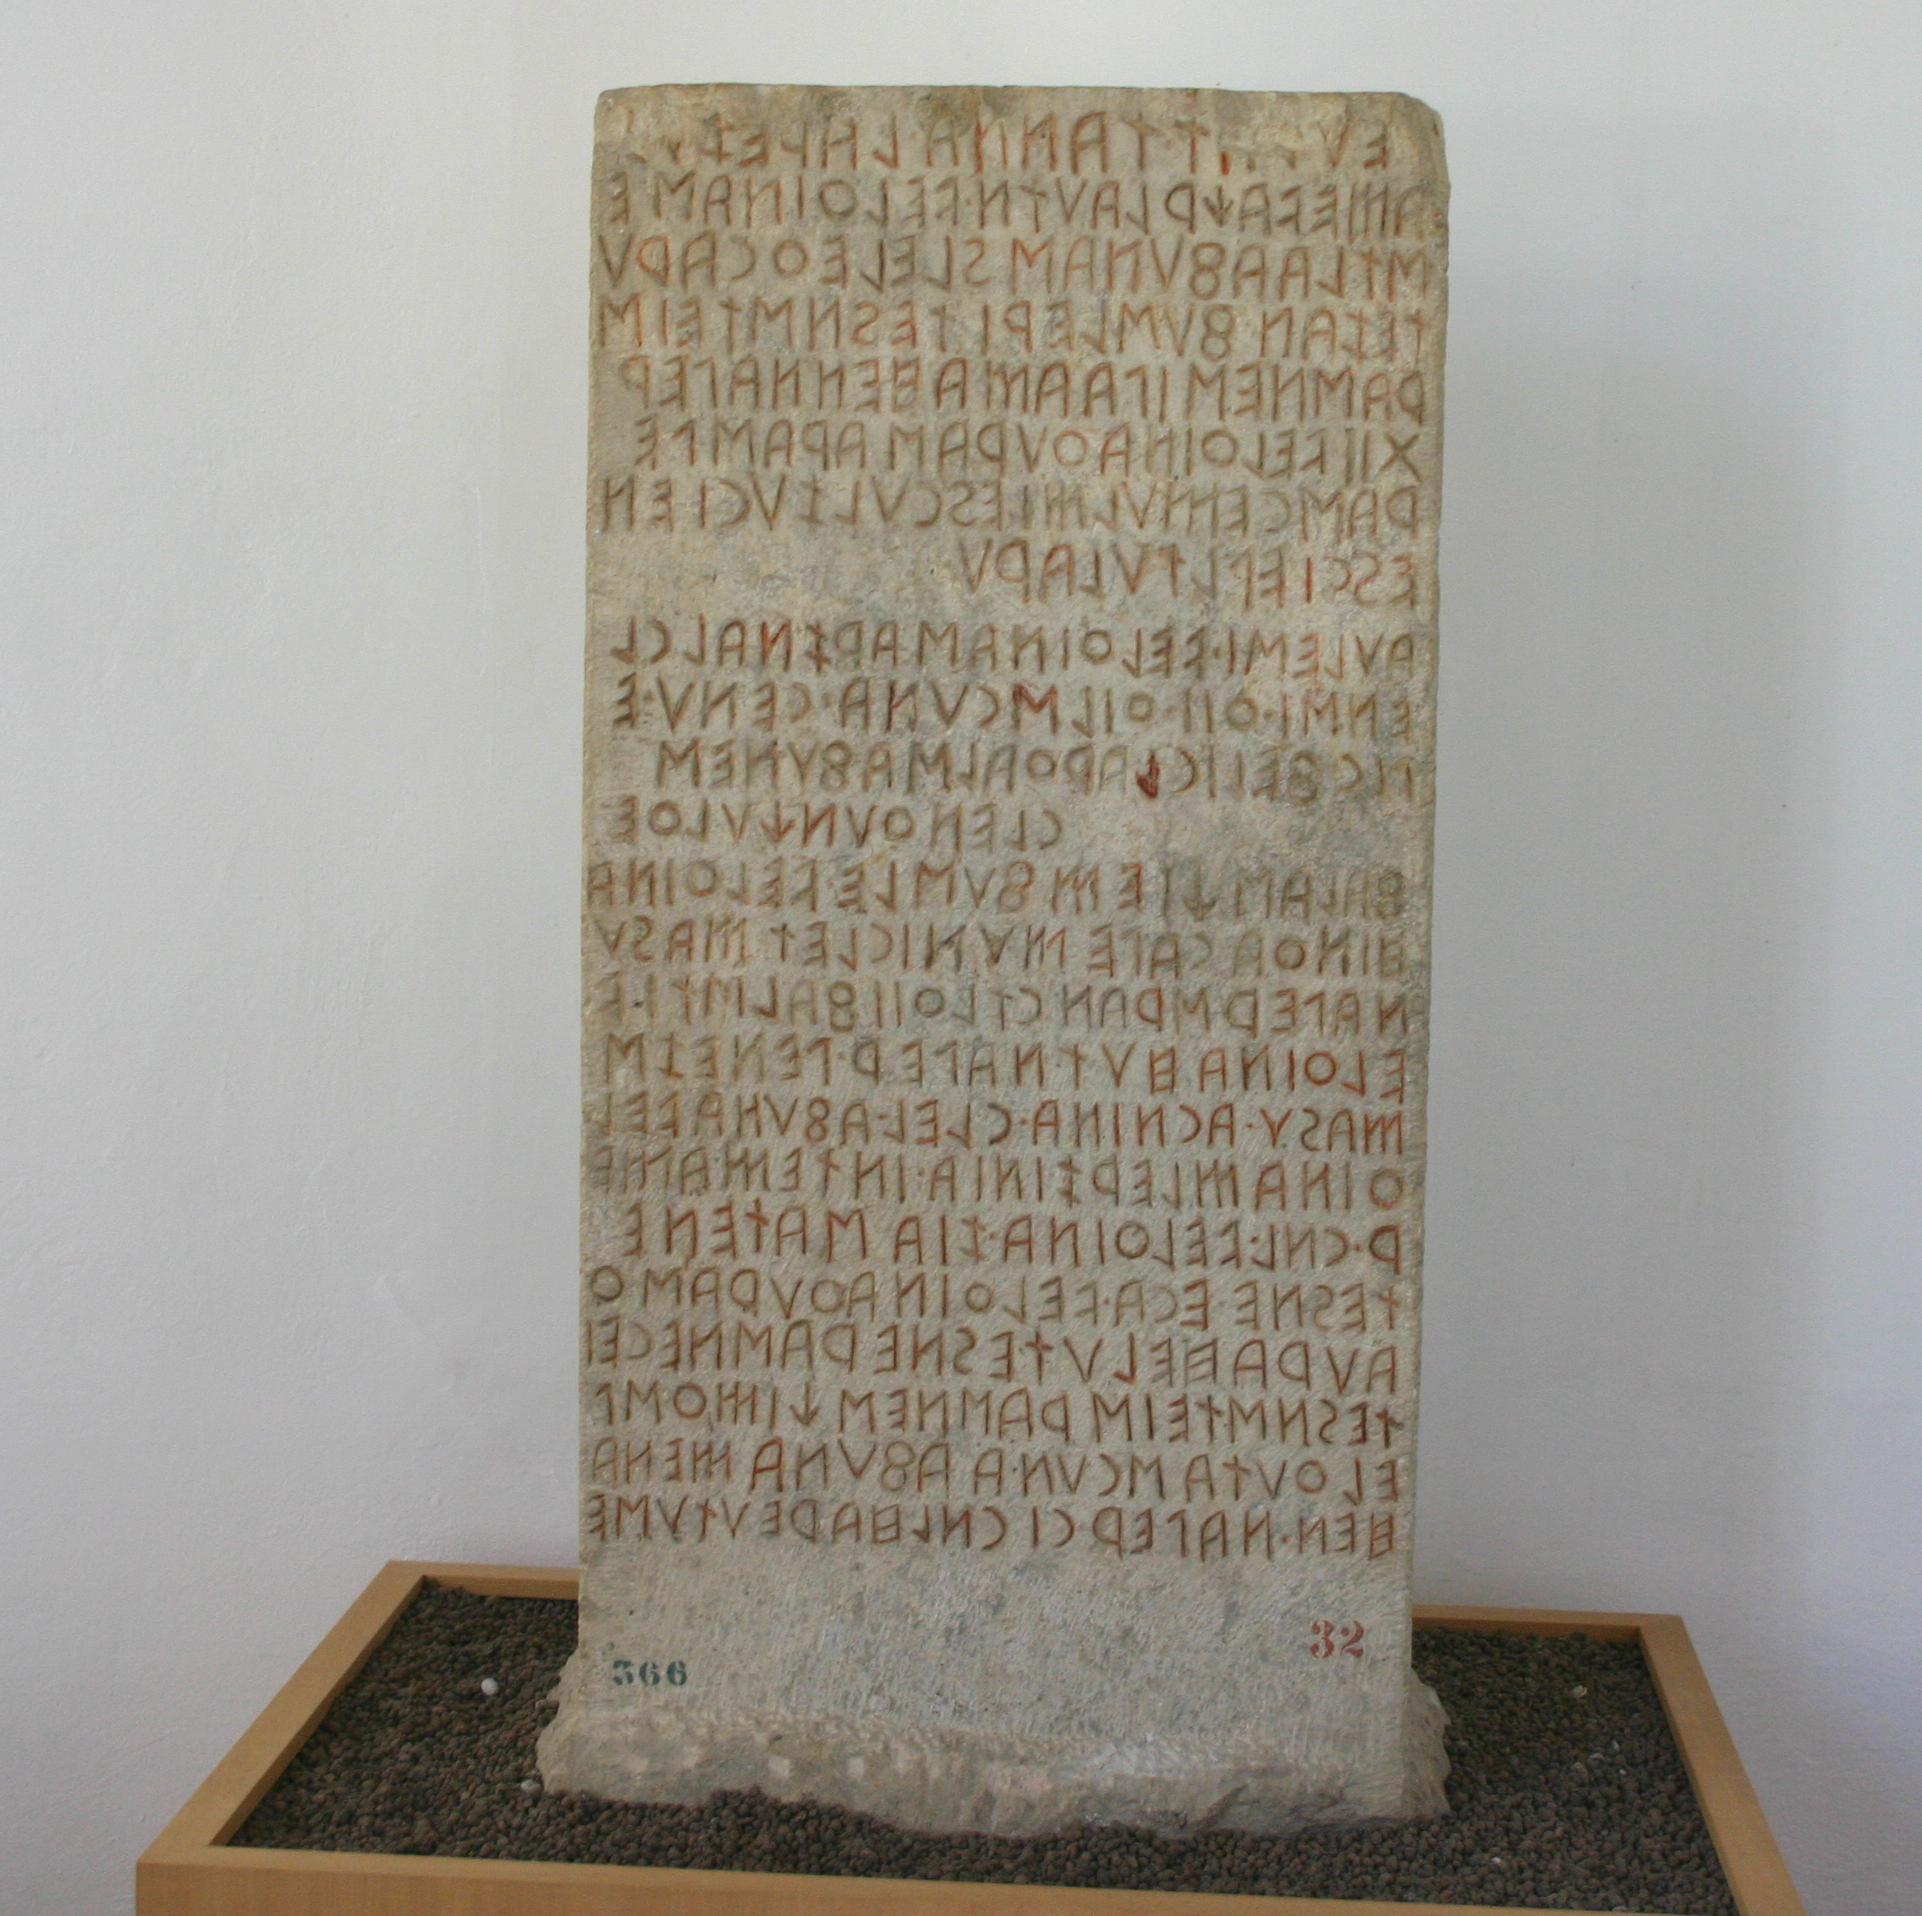 ippuserusinus,truscanwritingnearerugia,taly.hebeginningofthewritingwiththeatinalphabet.